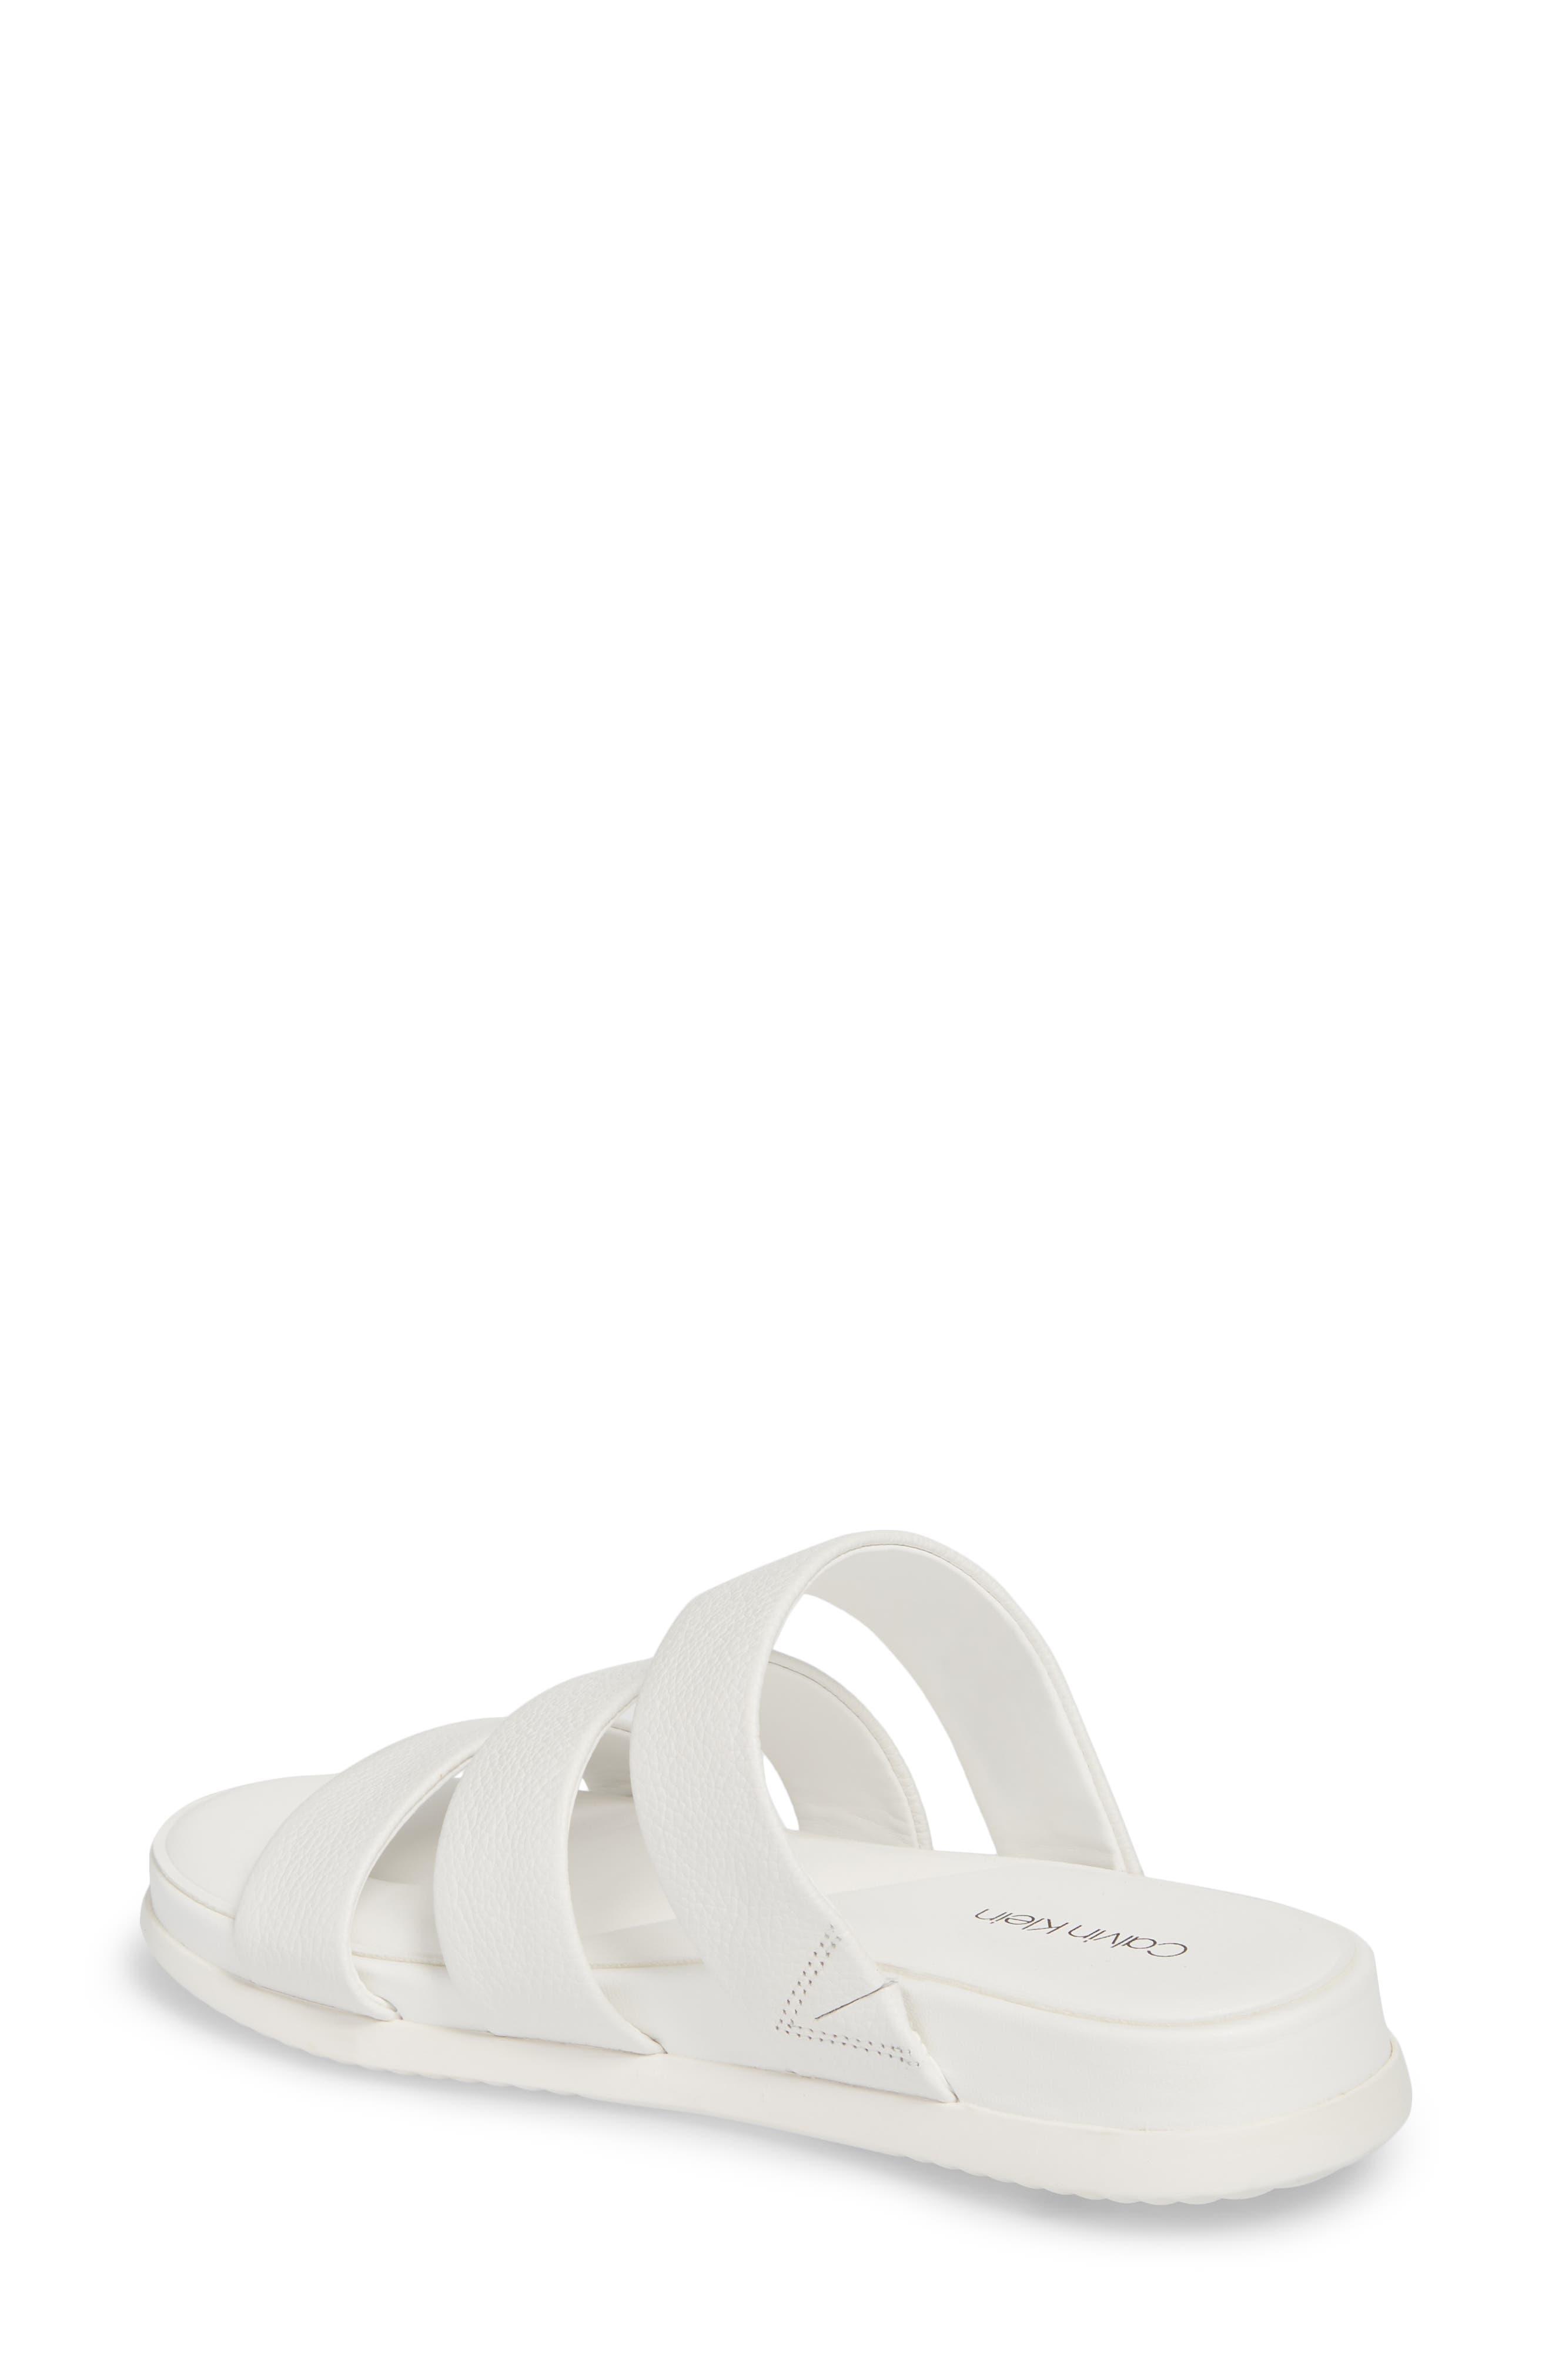 Dalana Slide Sandal,                             Alternate thumbnail 2, color,                             Platinum White Pebble Leather